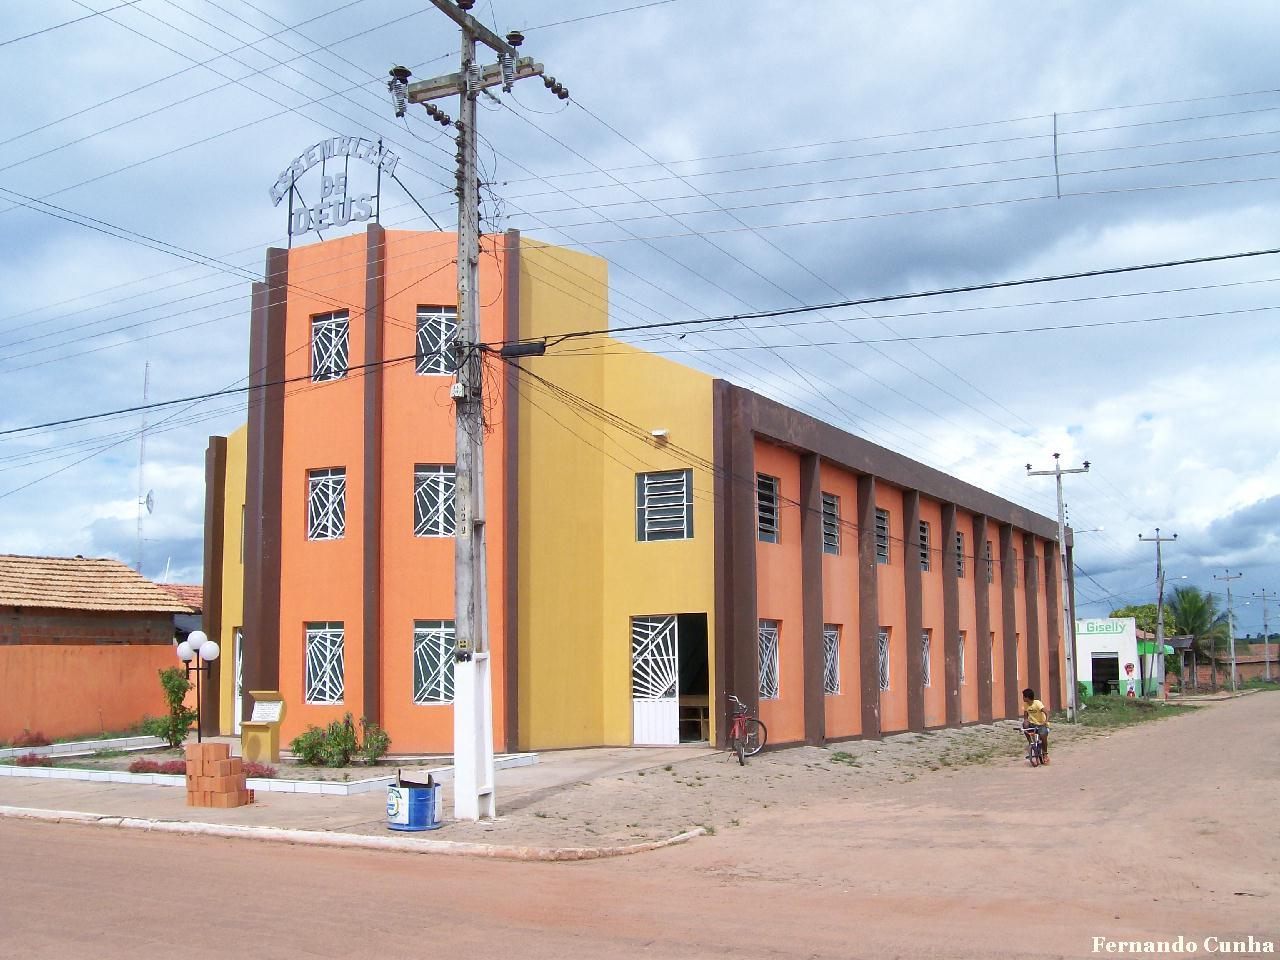 São Francisco do Brejão Maranhão fonte: upload.wikimedia.org